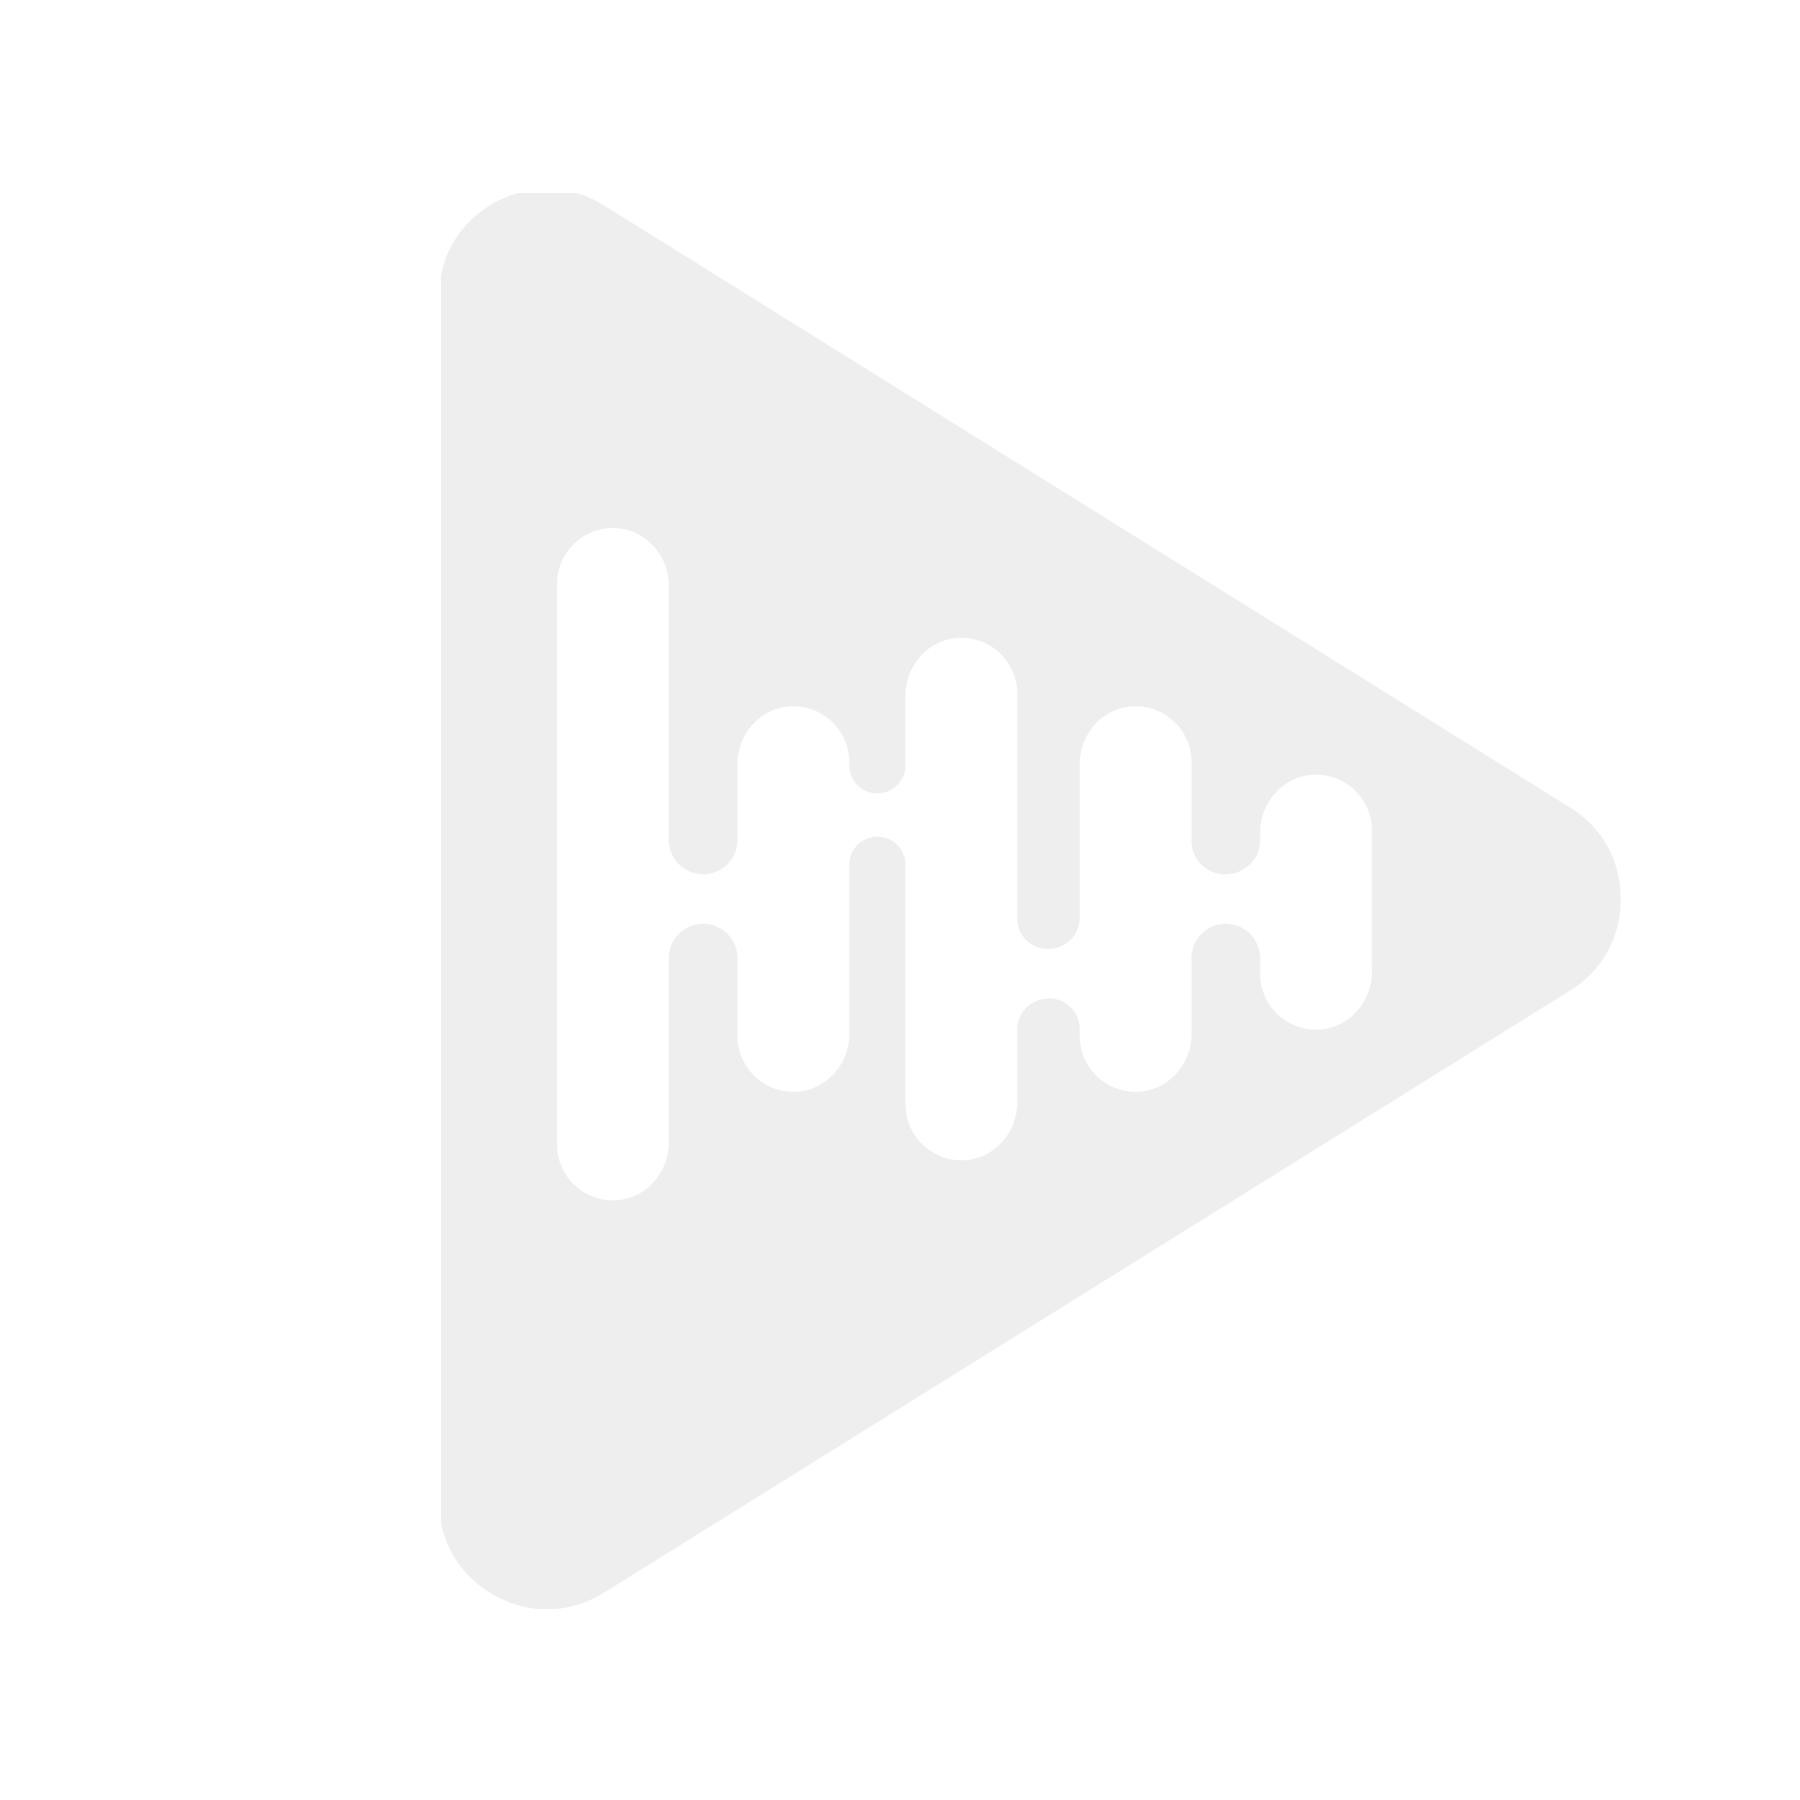 Eton UG MB100 RX